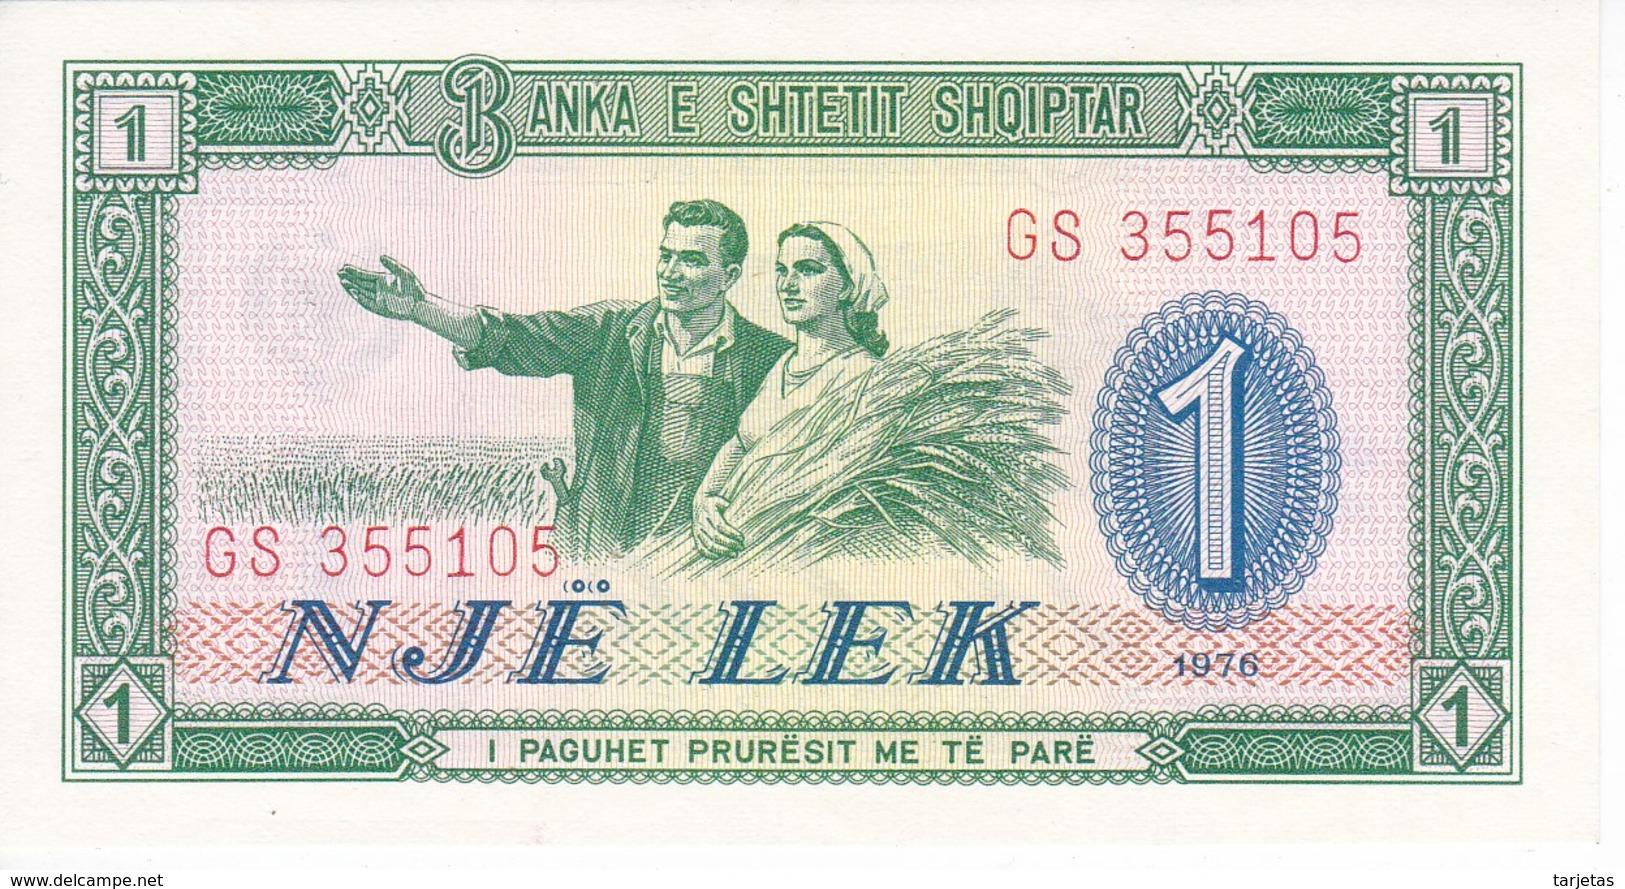 BILLETE DE ALBANIA DE 1 LEK DEL AÑO 1976 EN CALIDAD EBC (XF) (BANKNOTE) - Albanie